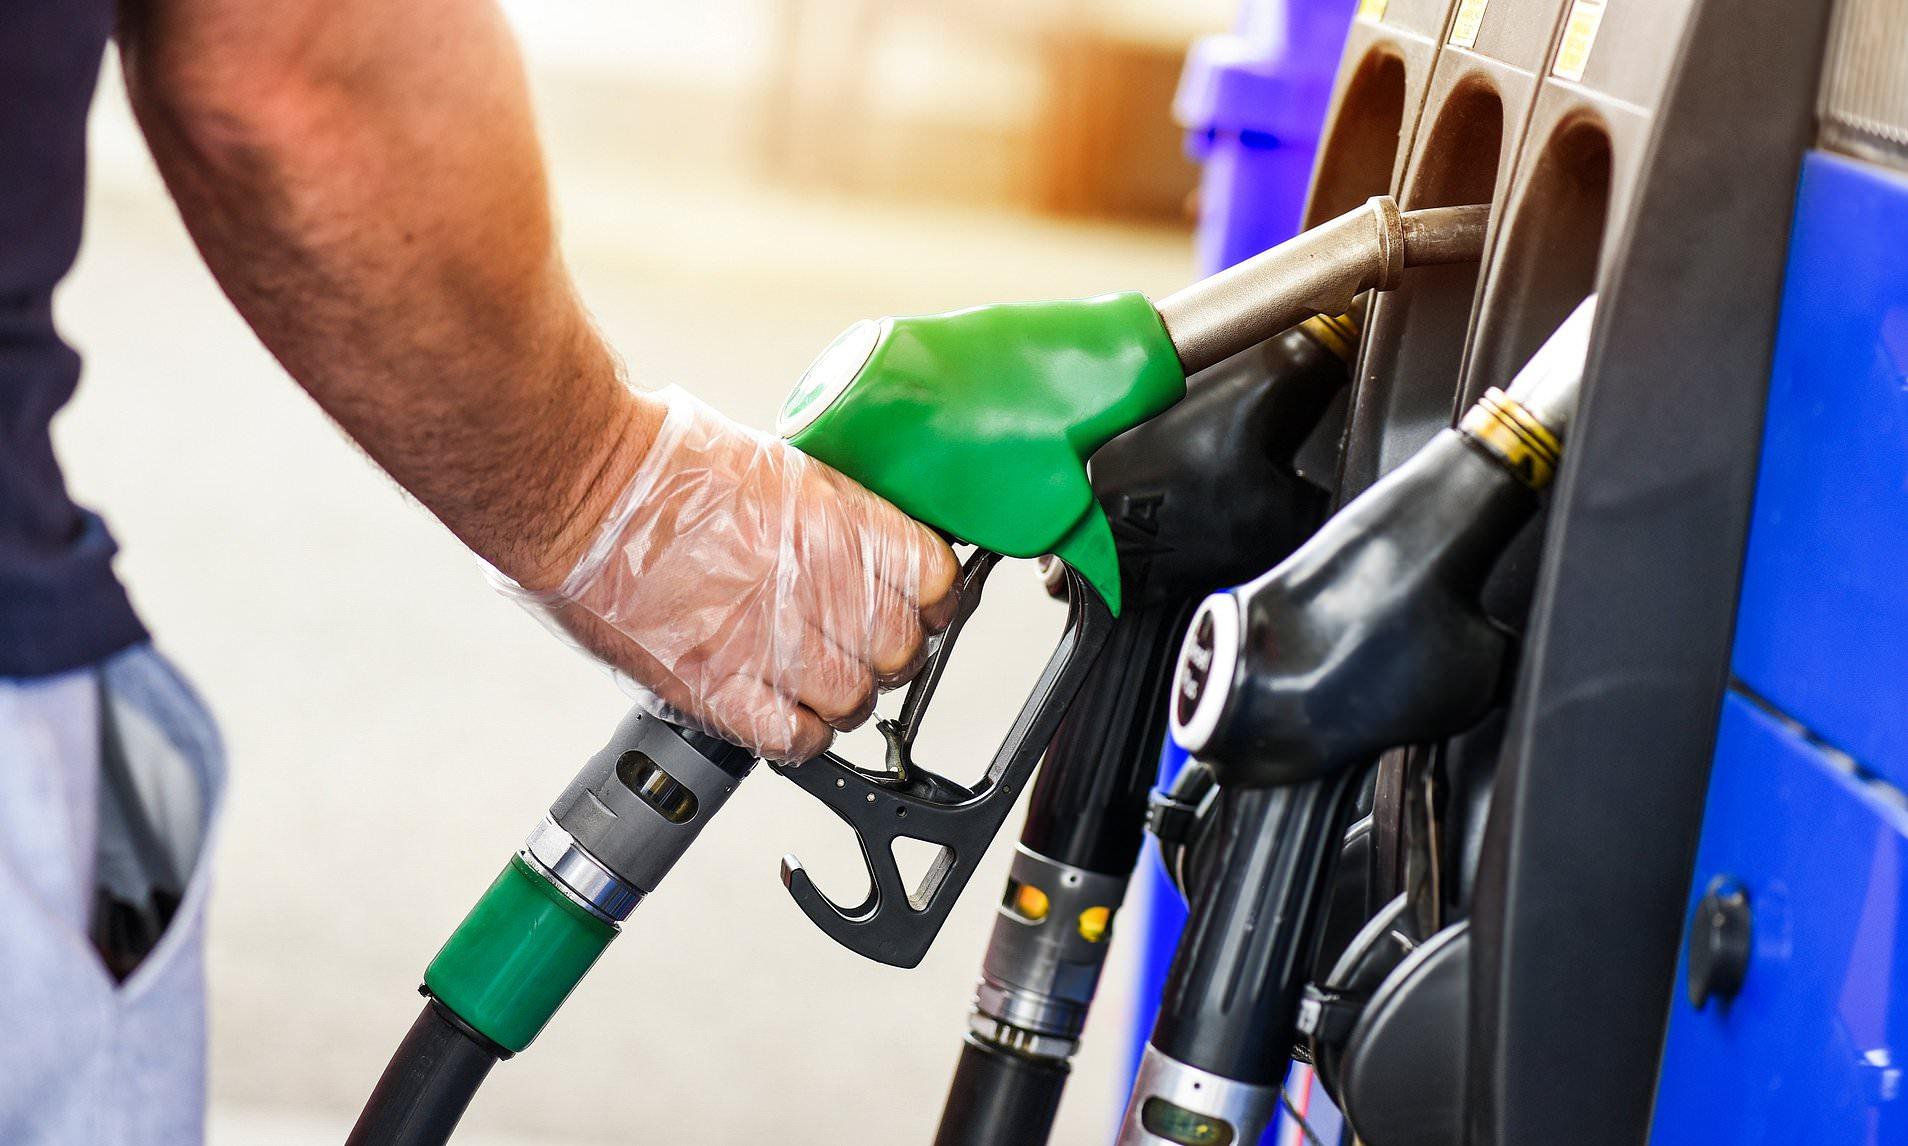 Giá xăng dầu hôm nay 13/8: Tiếp đà giảm sau khi IEA cảnh báo sự phục hồi nhu cầu thế giới sẽ chậm lại